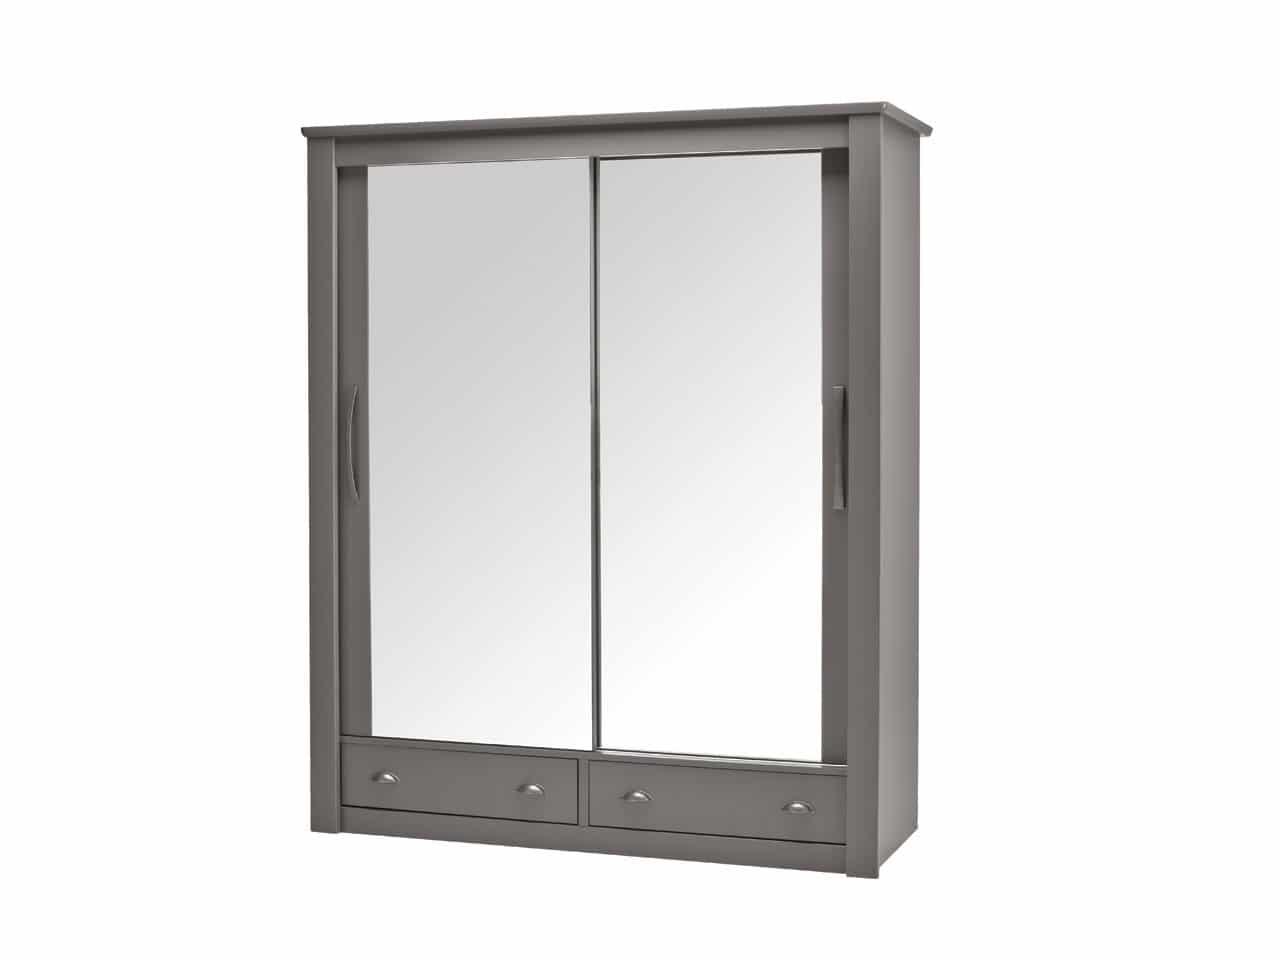 Armoire 2 Portes Coulissantes Miroir Avec Tiroirs Dolce